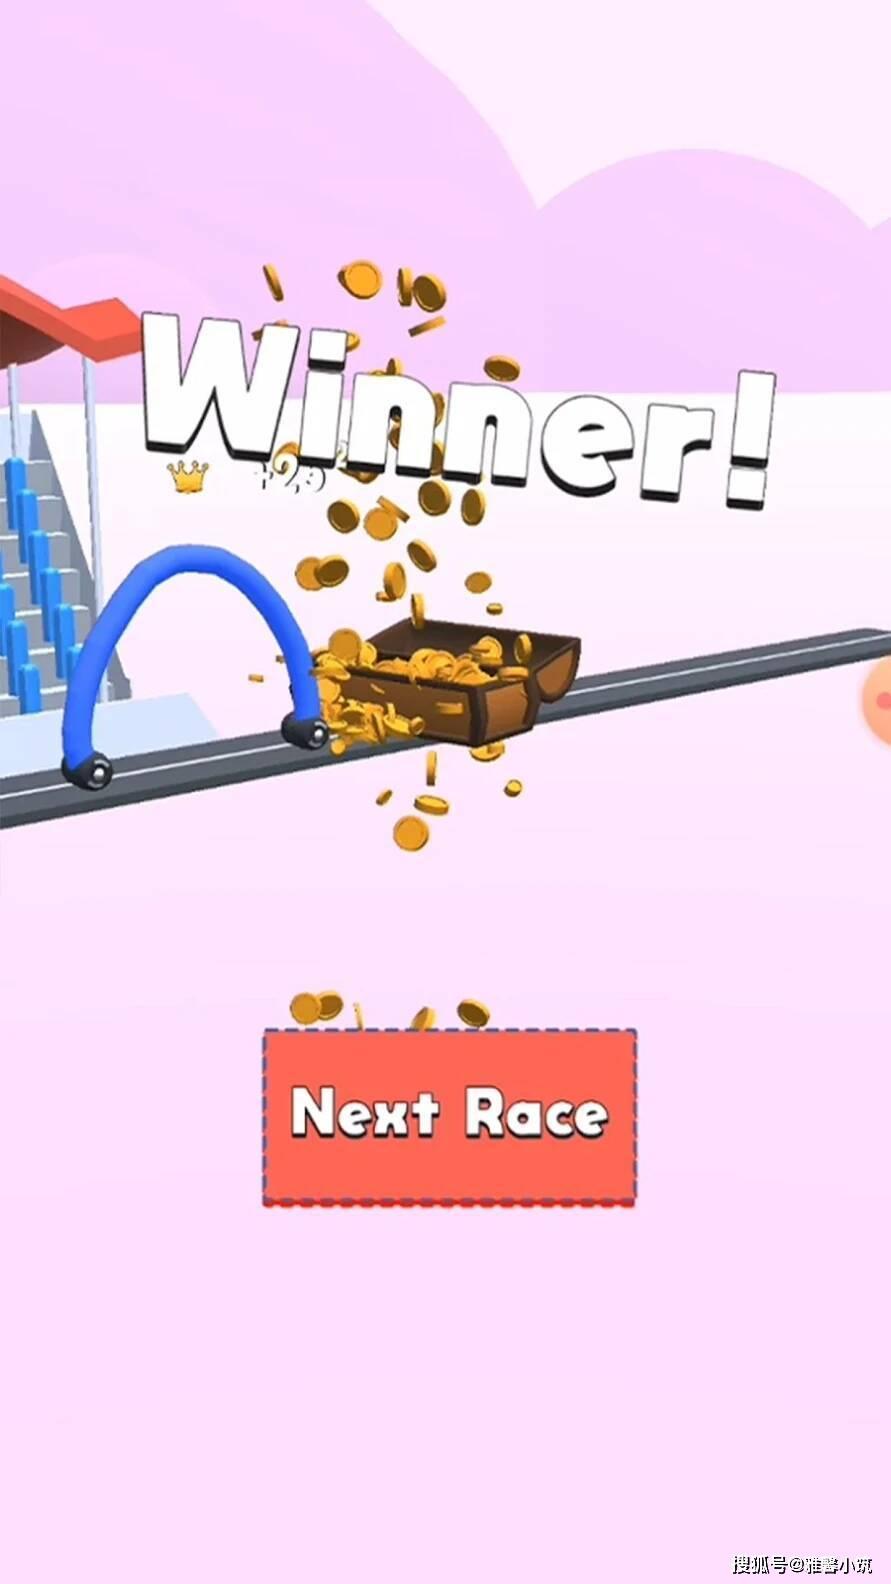 趣味蚯蚓赛车游戏《DrawRace》激情竞速手绘未来